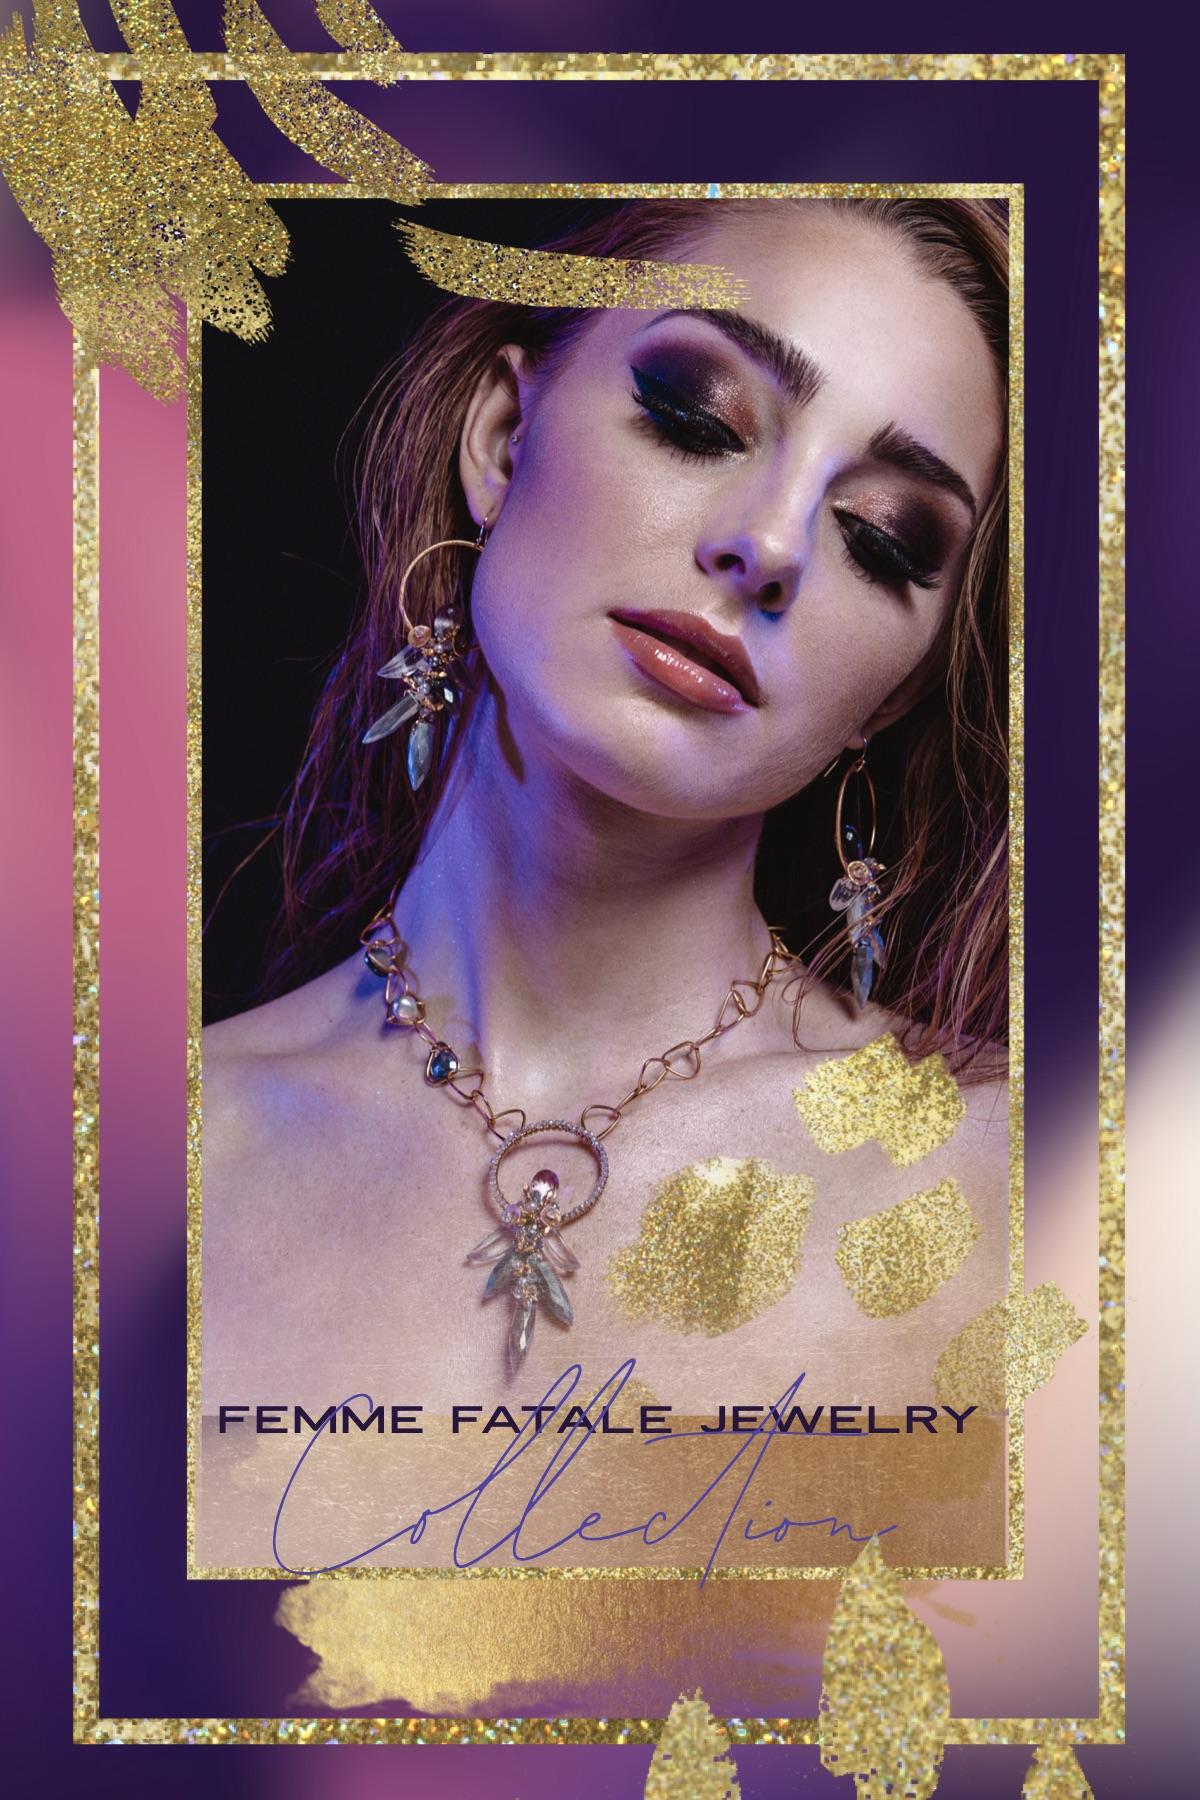 Femme Fatale lookbook